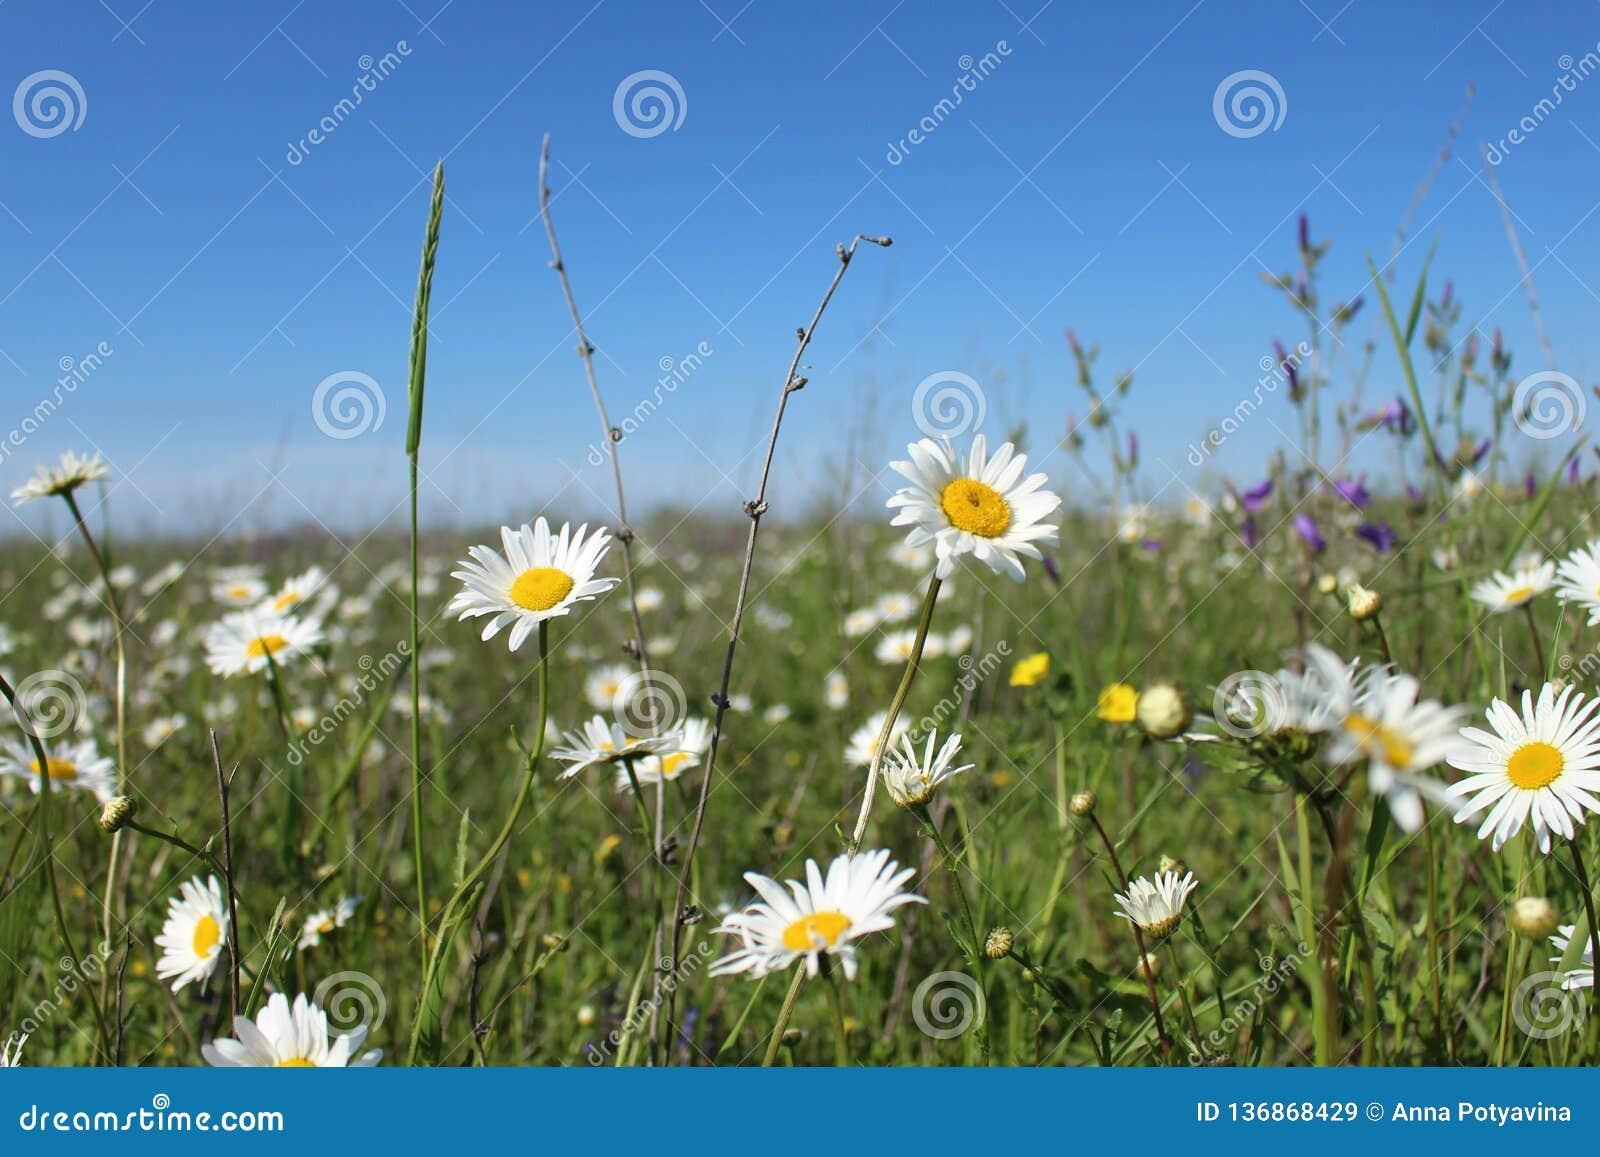 Pole z kwitnącymi stokrotkami